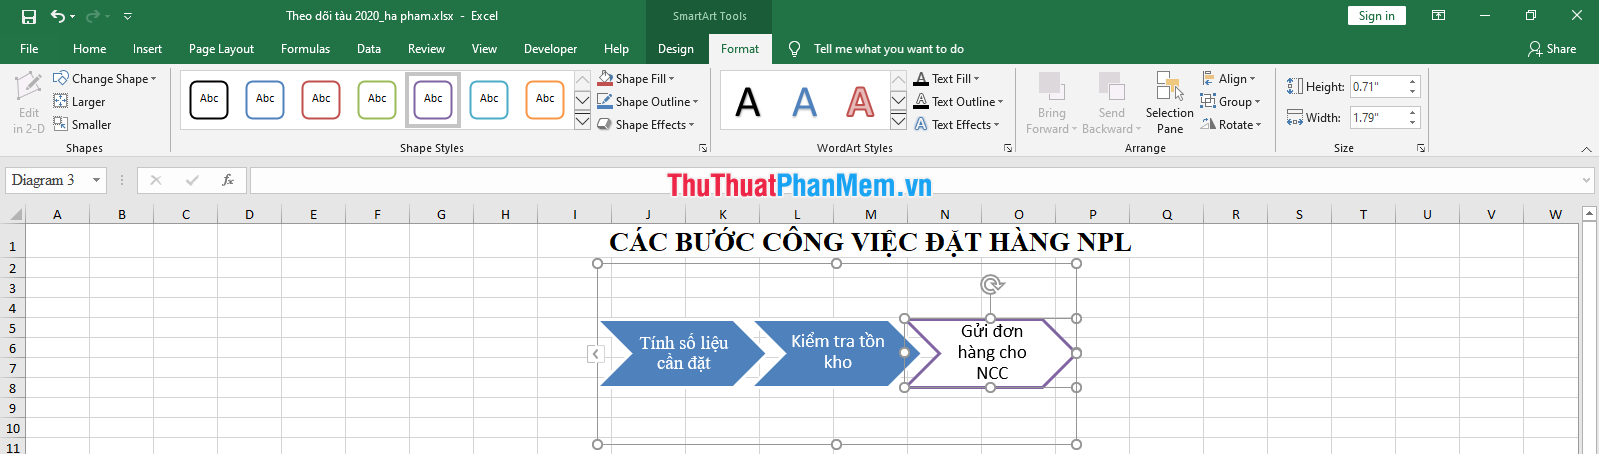 Thẻ Format để thay đổi định dạng chữ, viền khung, và hình dạng của khung